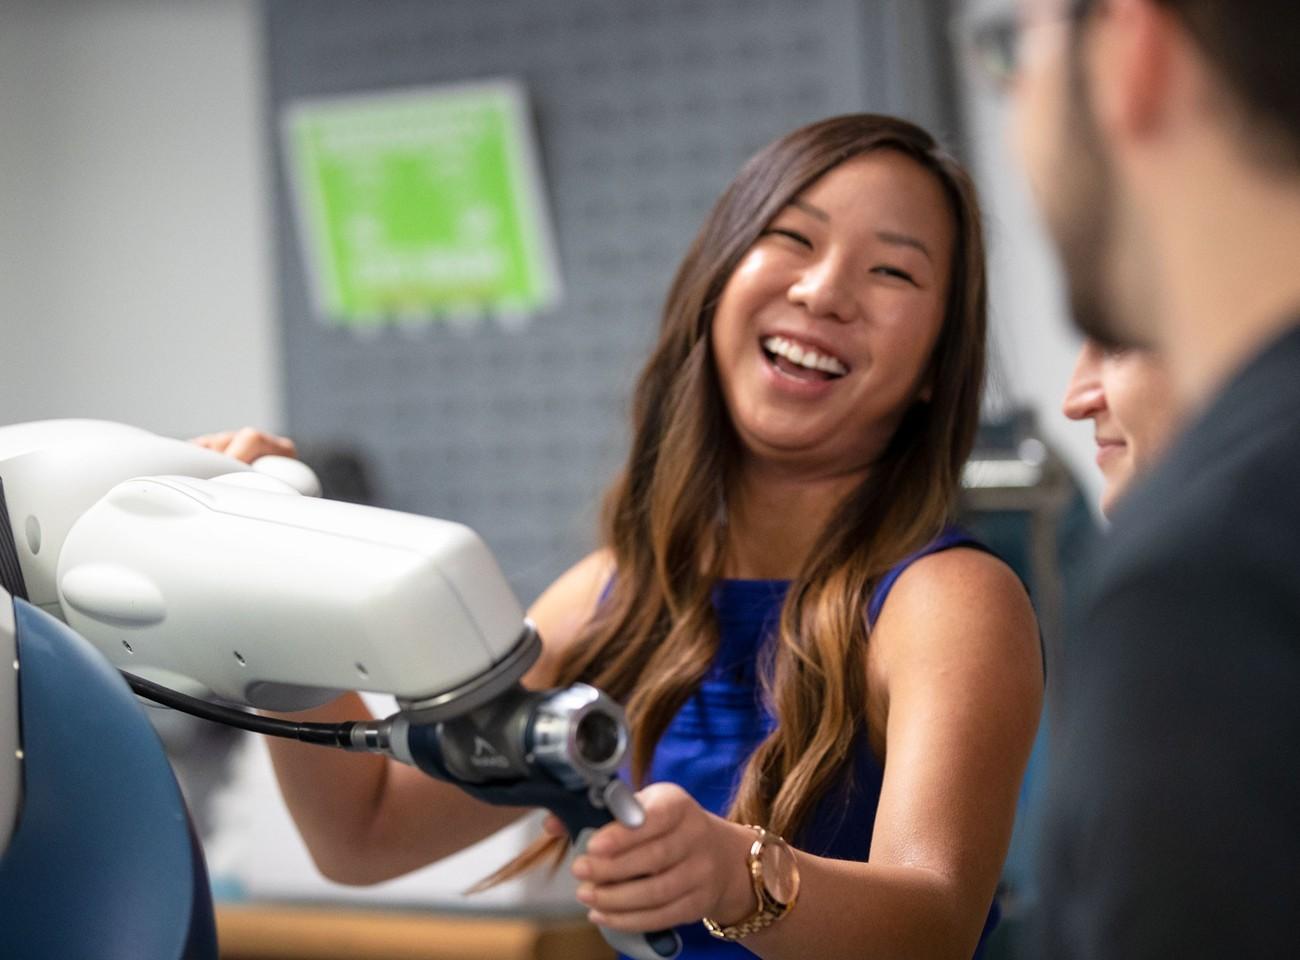 Stryker's Joint Replacement Robotics Development Careers